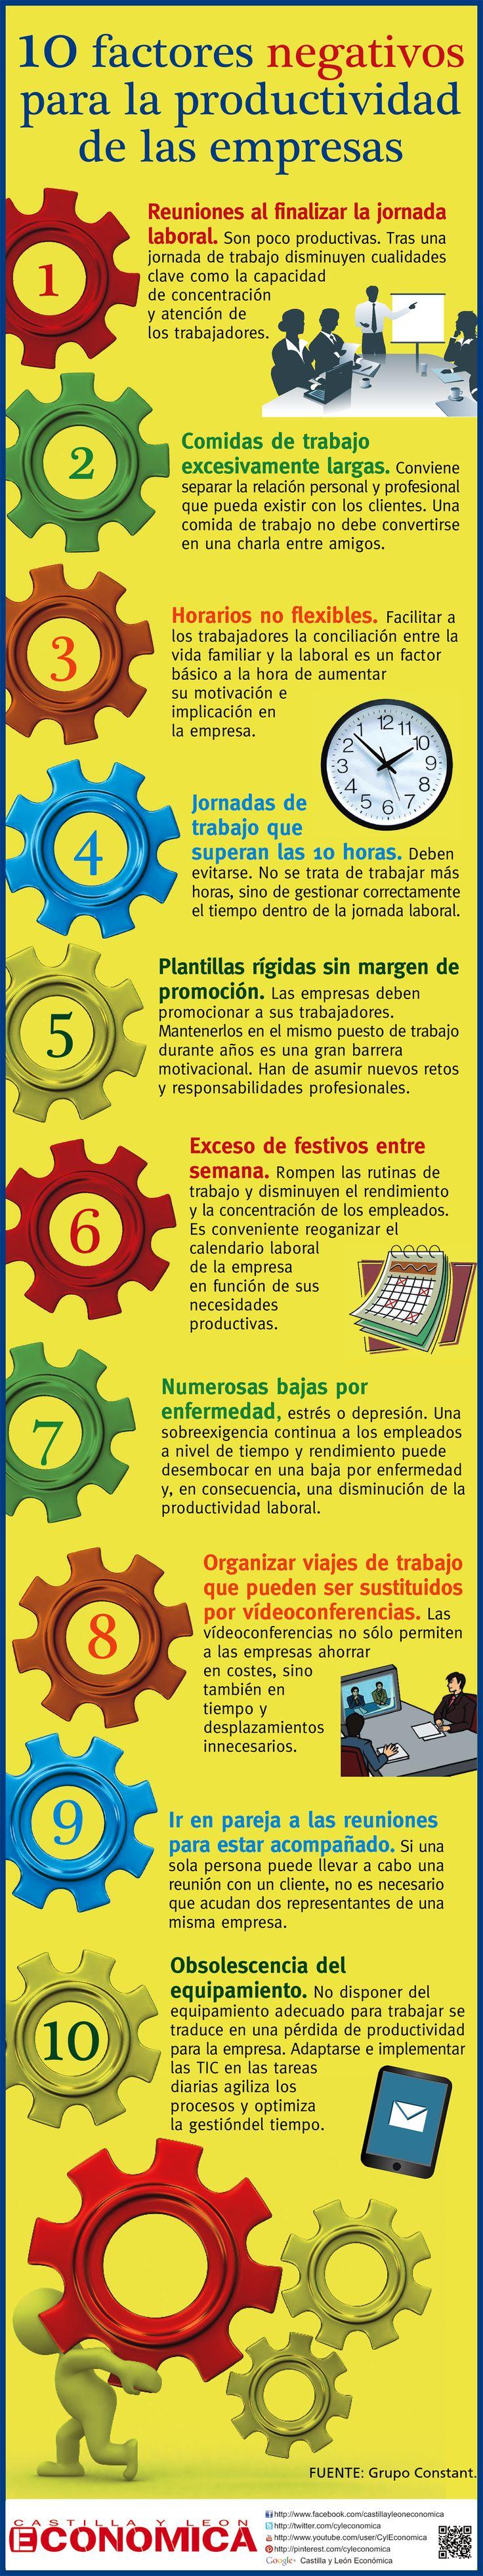 10 factores negativos para la productividad de las empresas #infografia